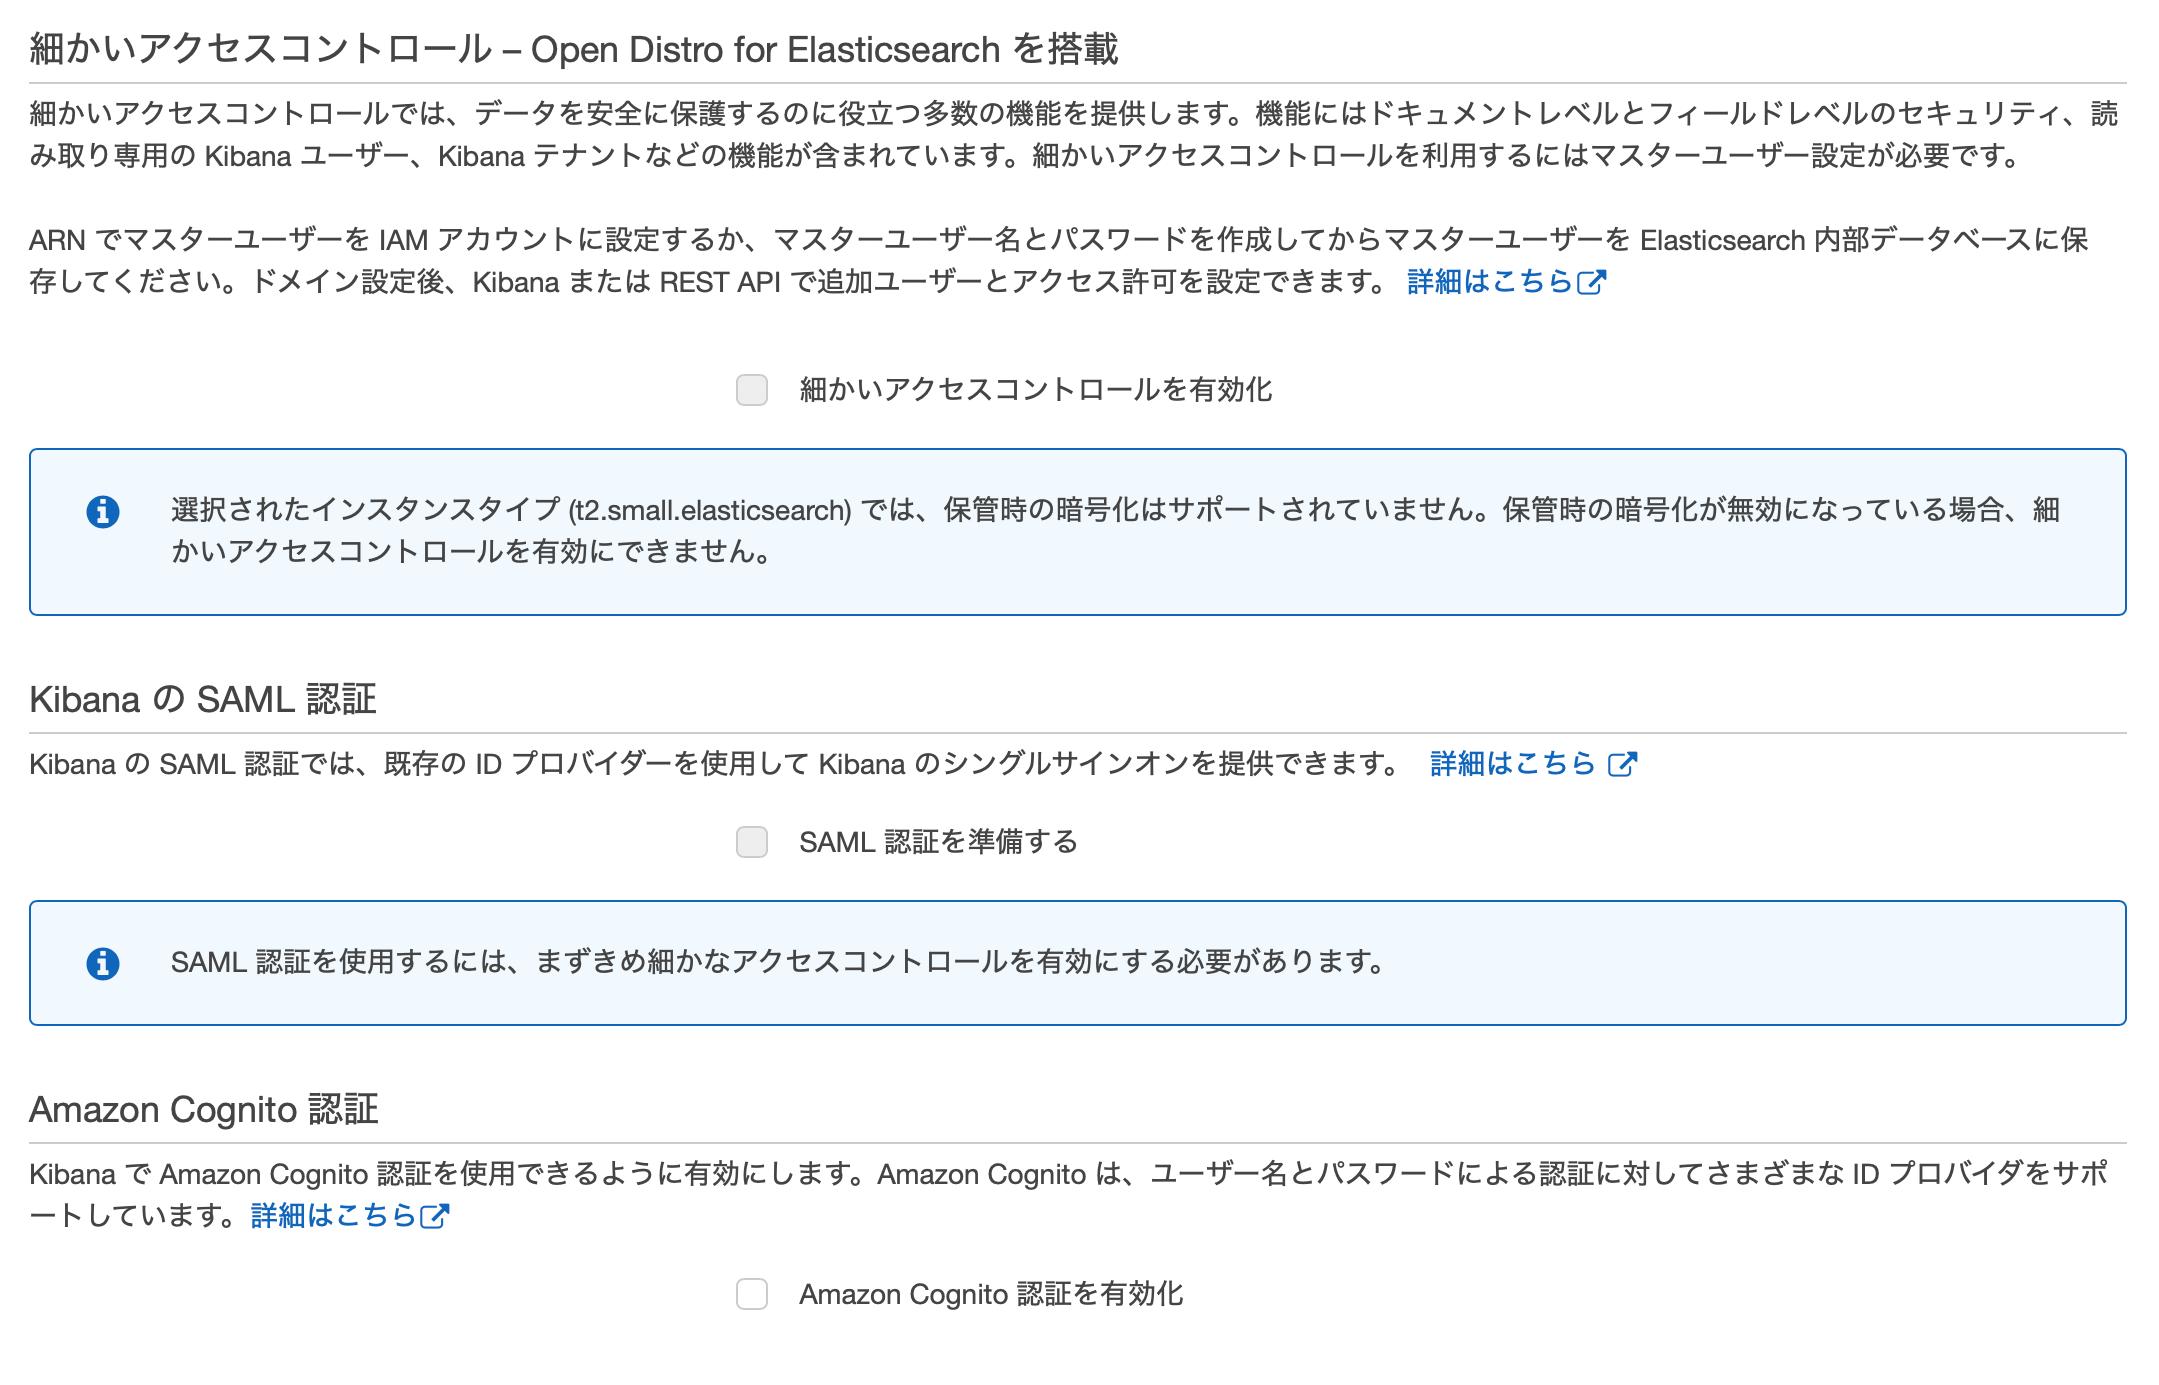 スクリーンショット 2020-11-04 23.39.49.png